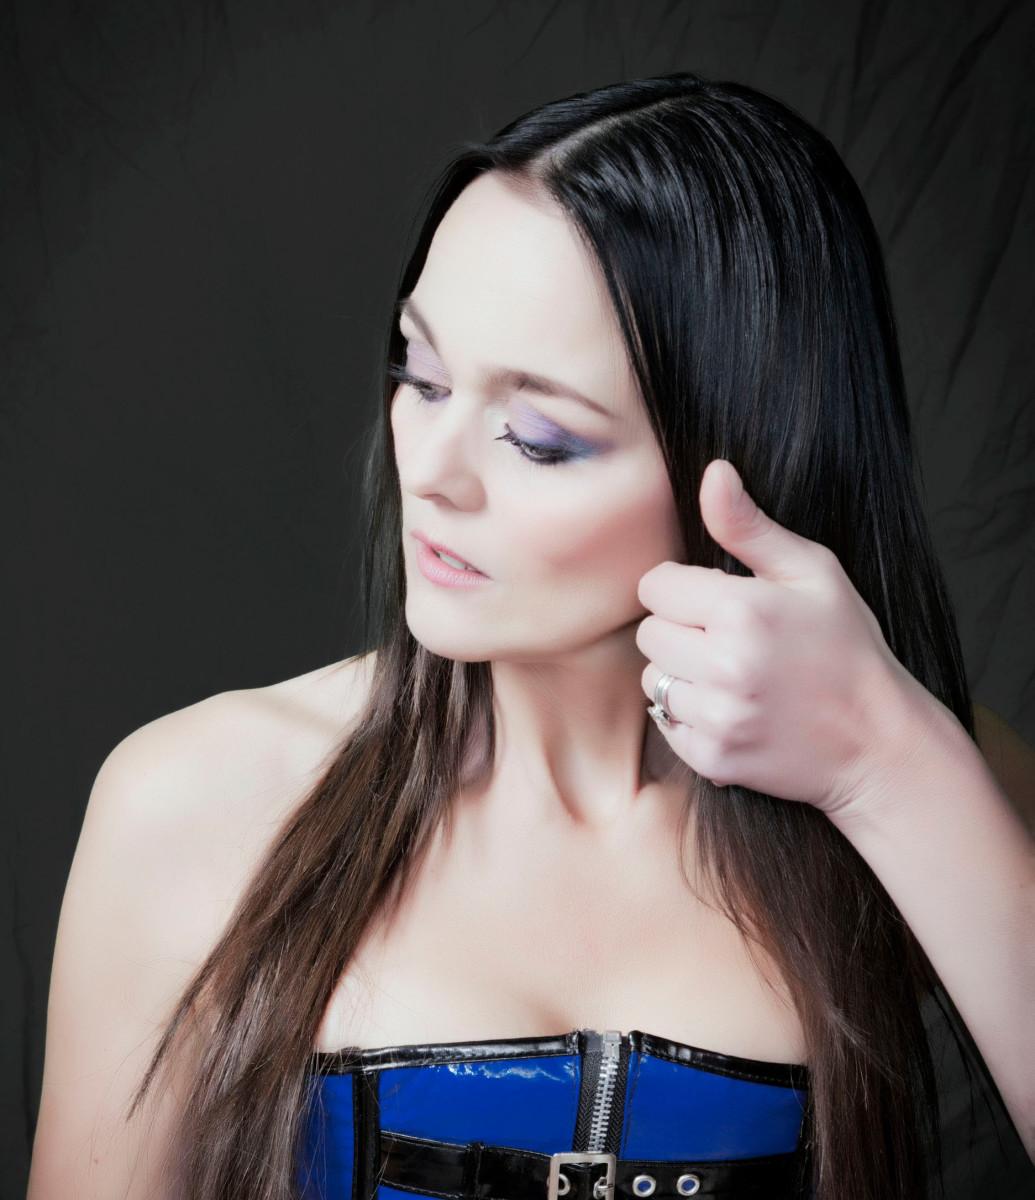 who-is-vocalist-capri-virkkunen